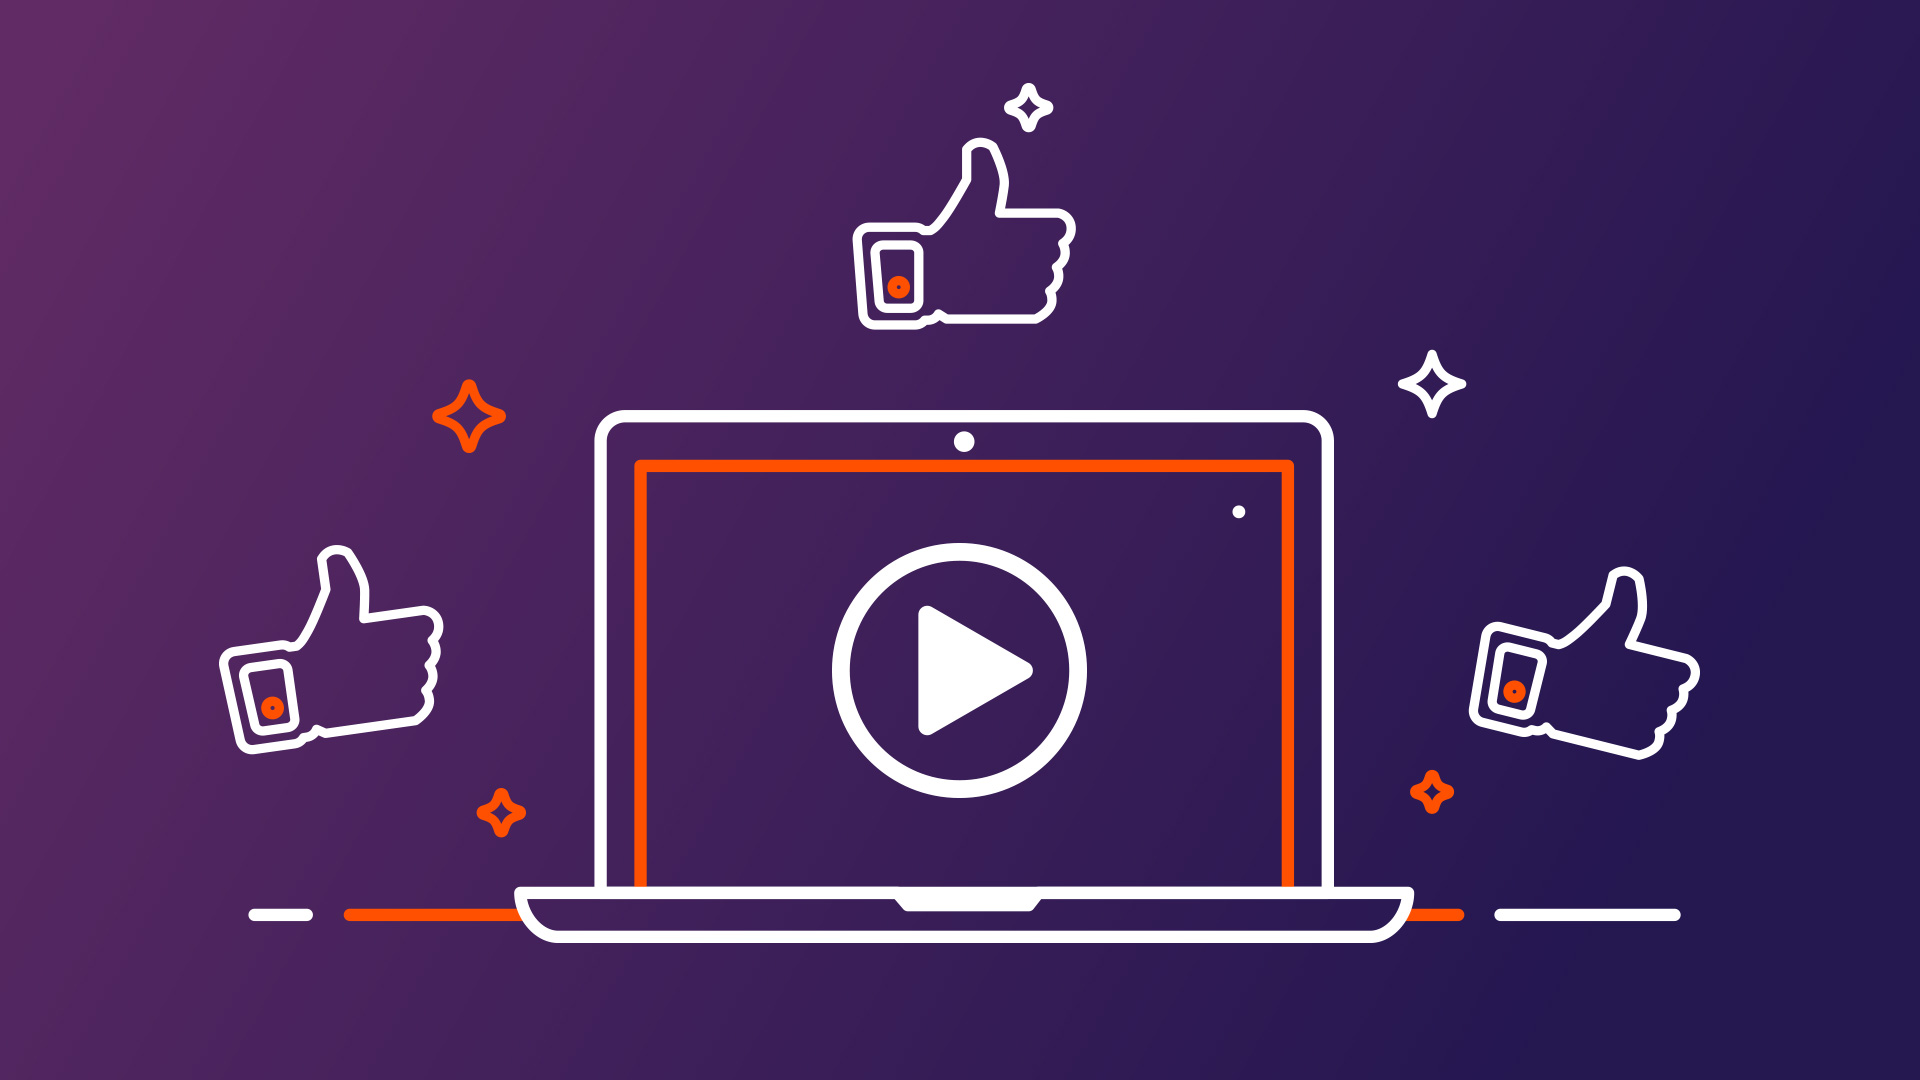 Inurl member онлайн флэш игровые автоматы бесплатно будет ли работать смарт-карта радуга в рессивере голден интерстар 780